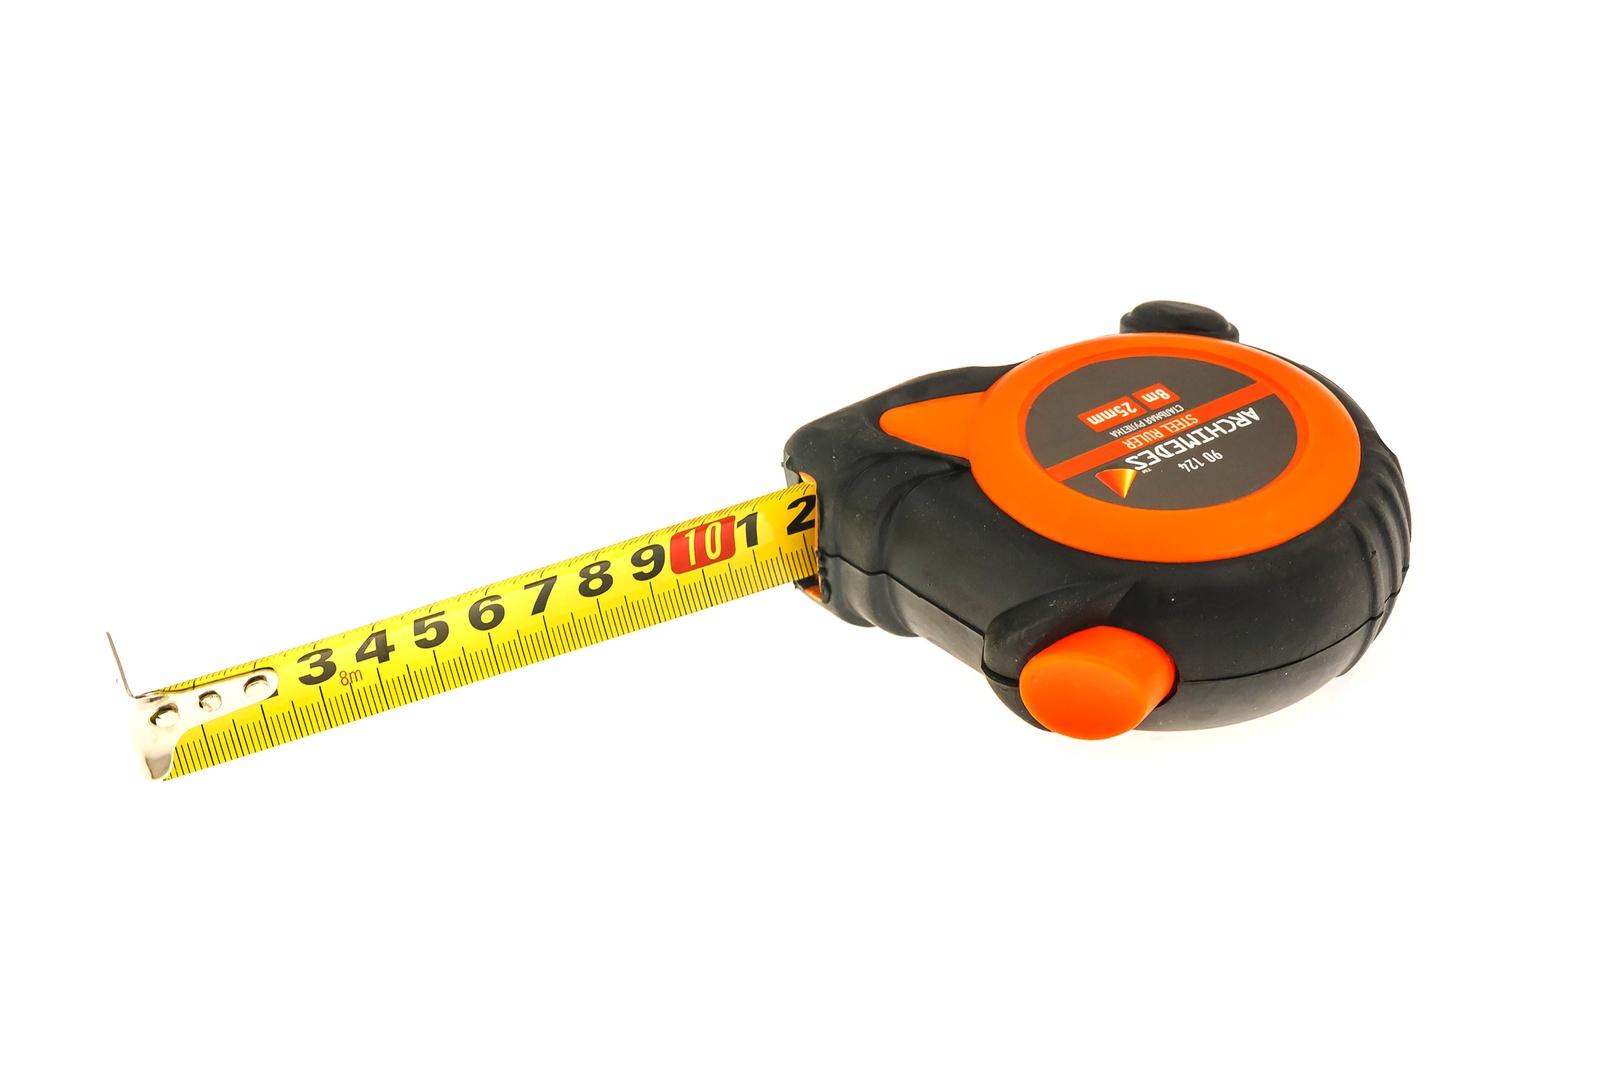 Измерительная рулетка с автостопом Archimedes 8мх25мм рулетка jettools 8мх25мм 8jt31x